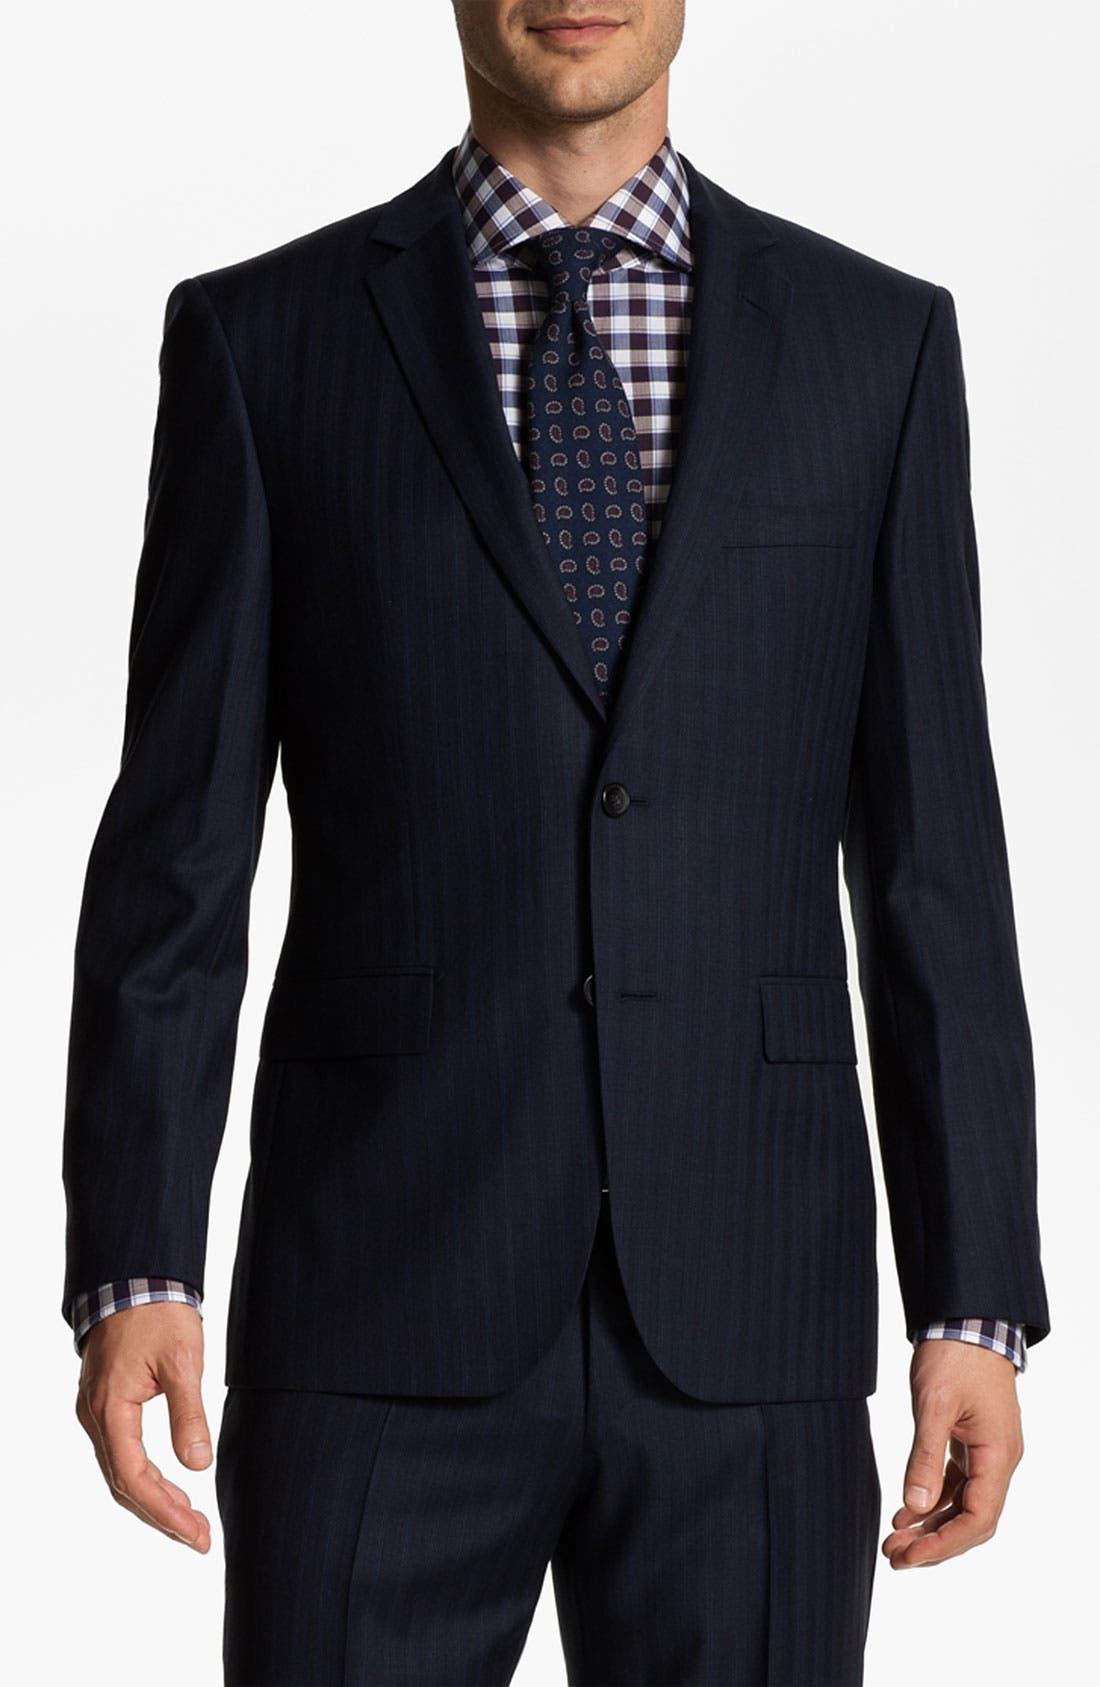 Alternate Image 1 Selected - BOSS Selection 'Howard/Court' Trim Fit Herringbone Suit